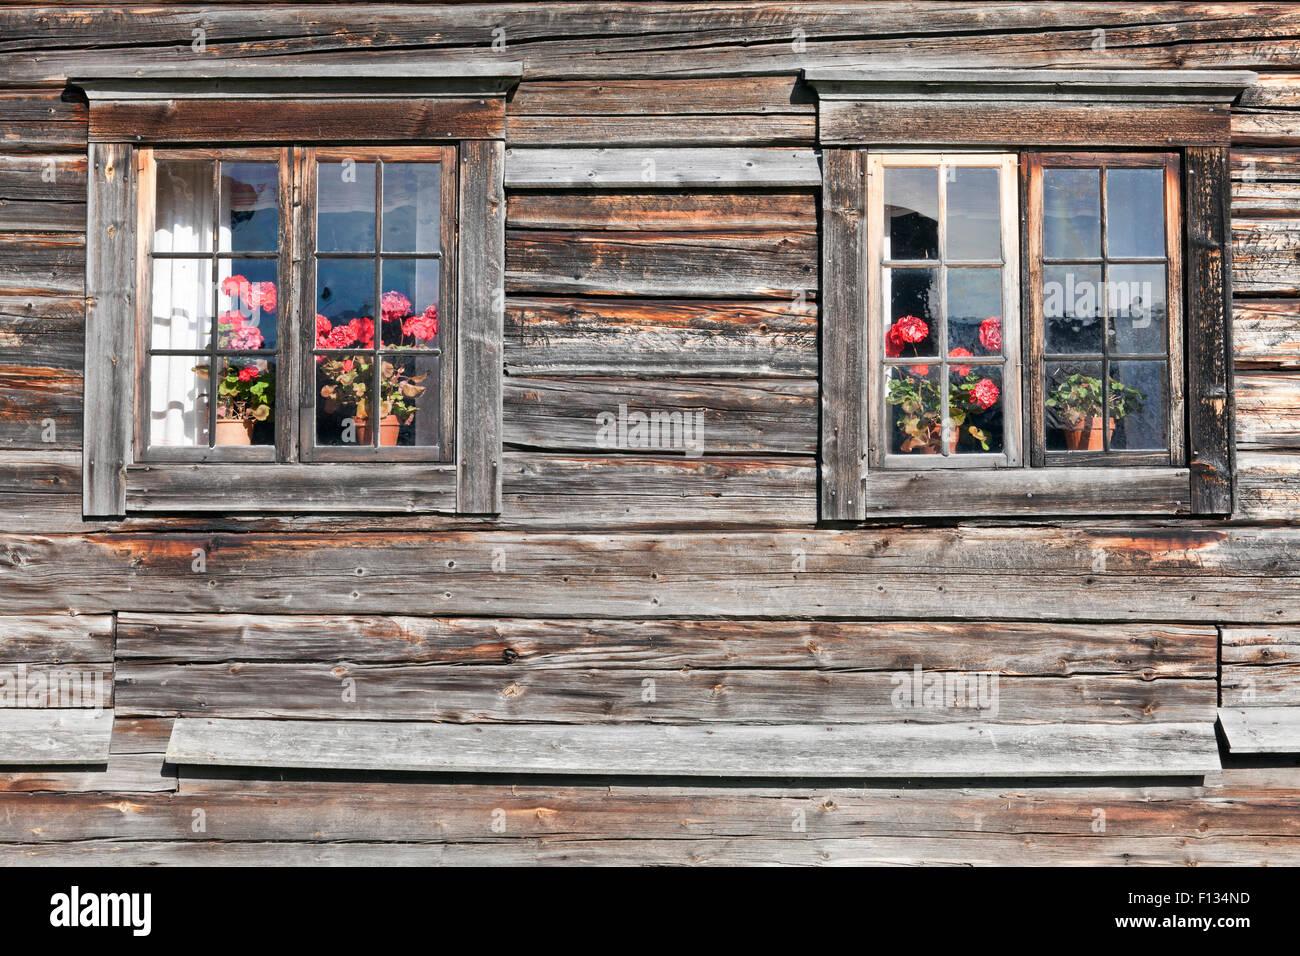 Hölzerne Wand und Fenster in einem alten Gebäude. Blume, Blumentopf ...